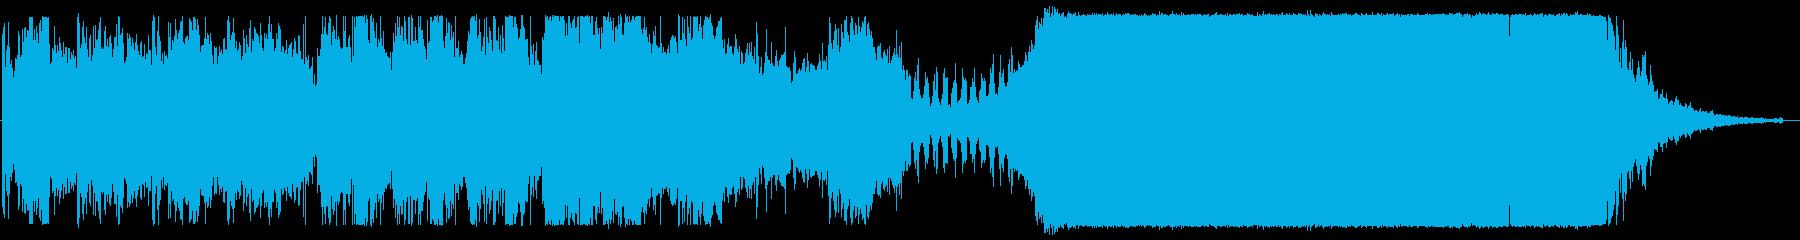 映画音楽的なBGMの再生済みの波形